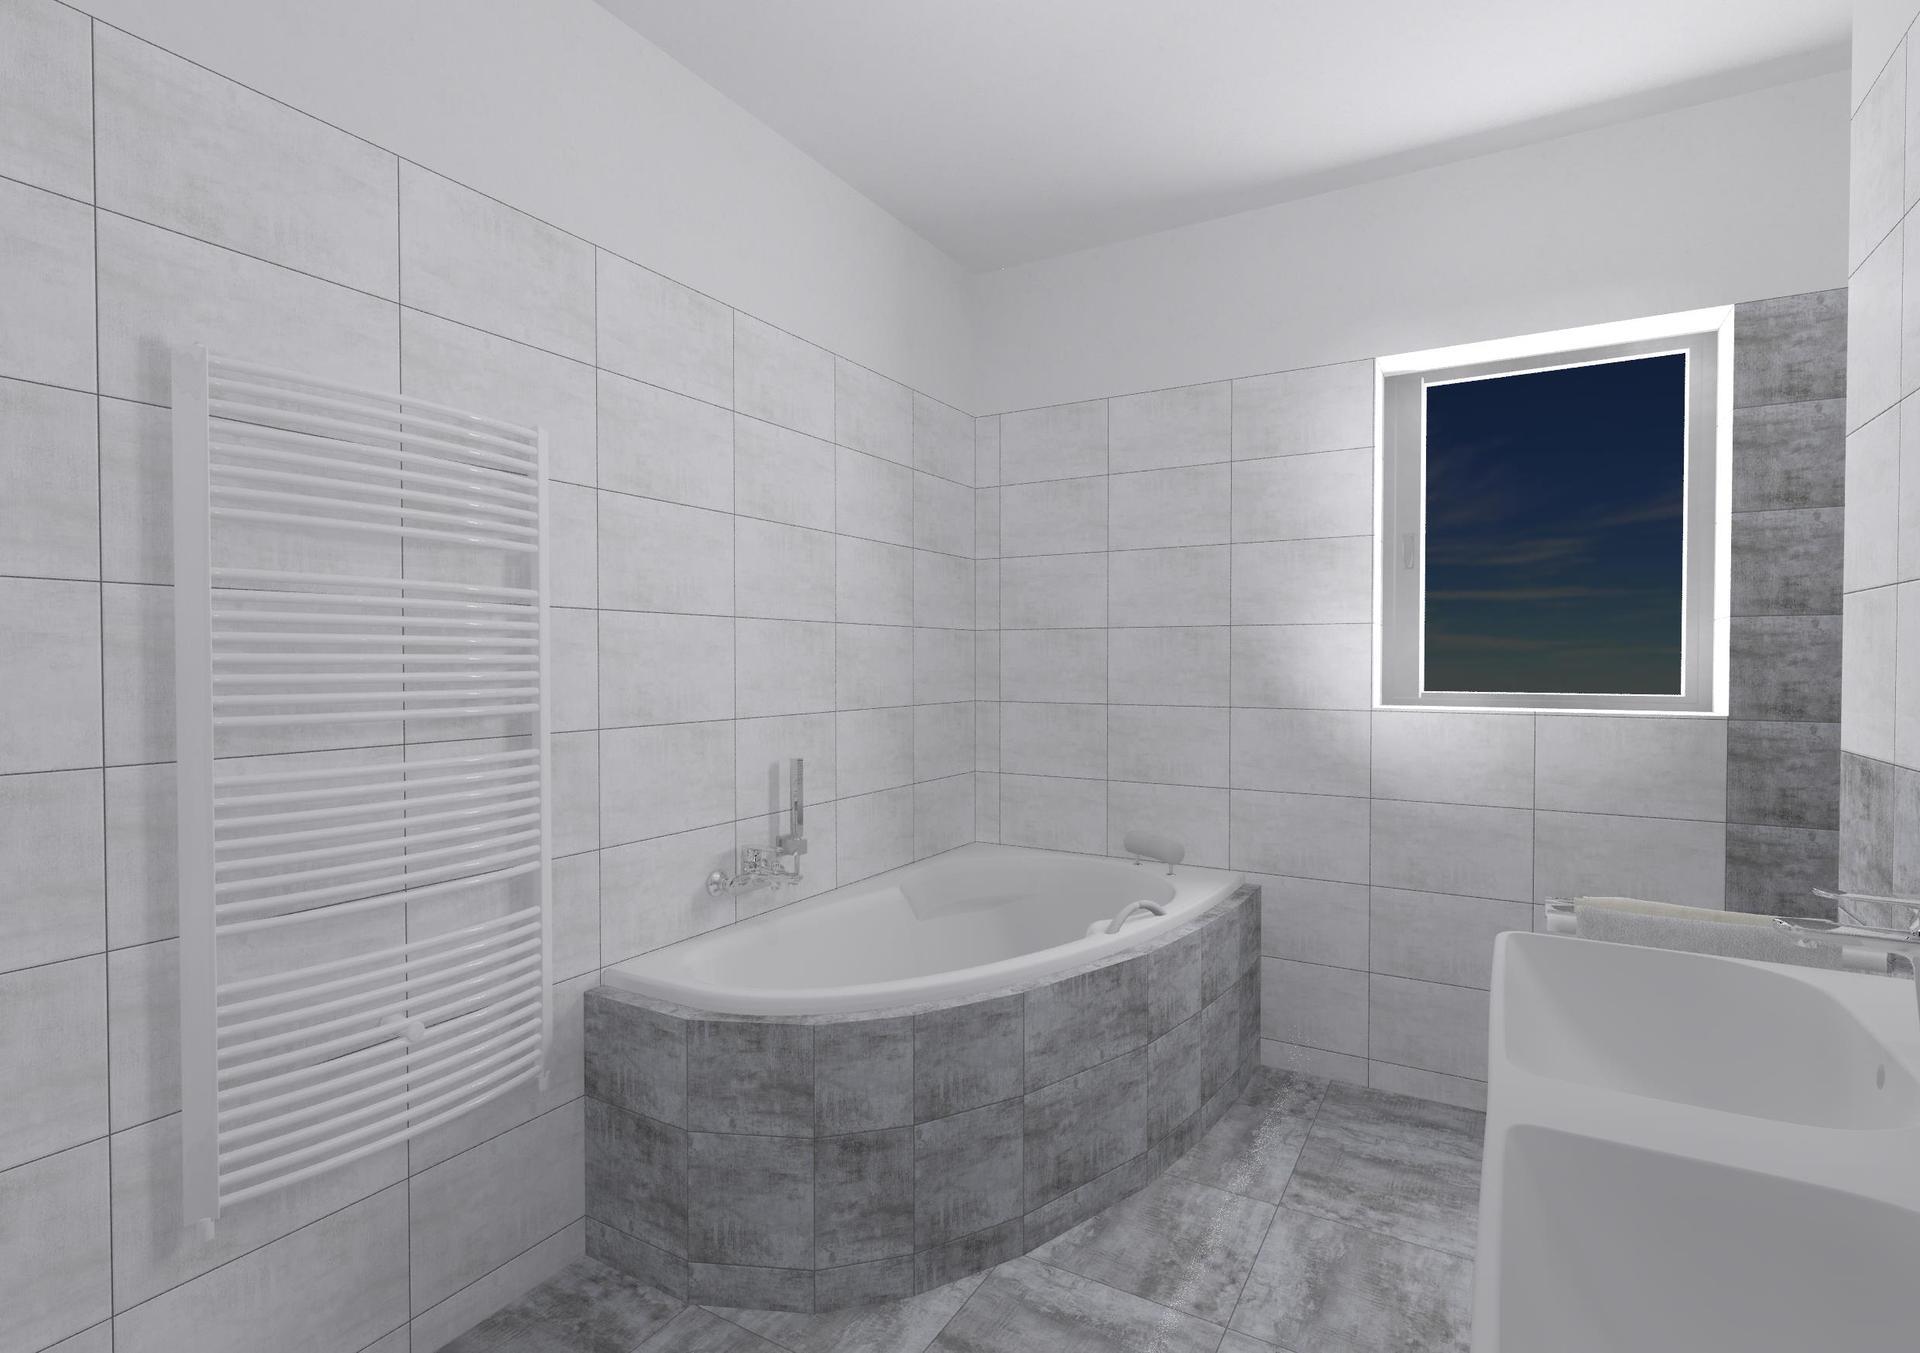 Koupelna a toaleta - návrh - Obrázek č. 5